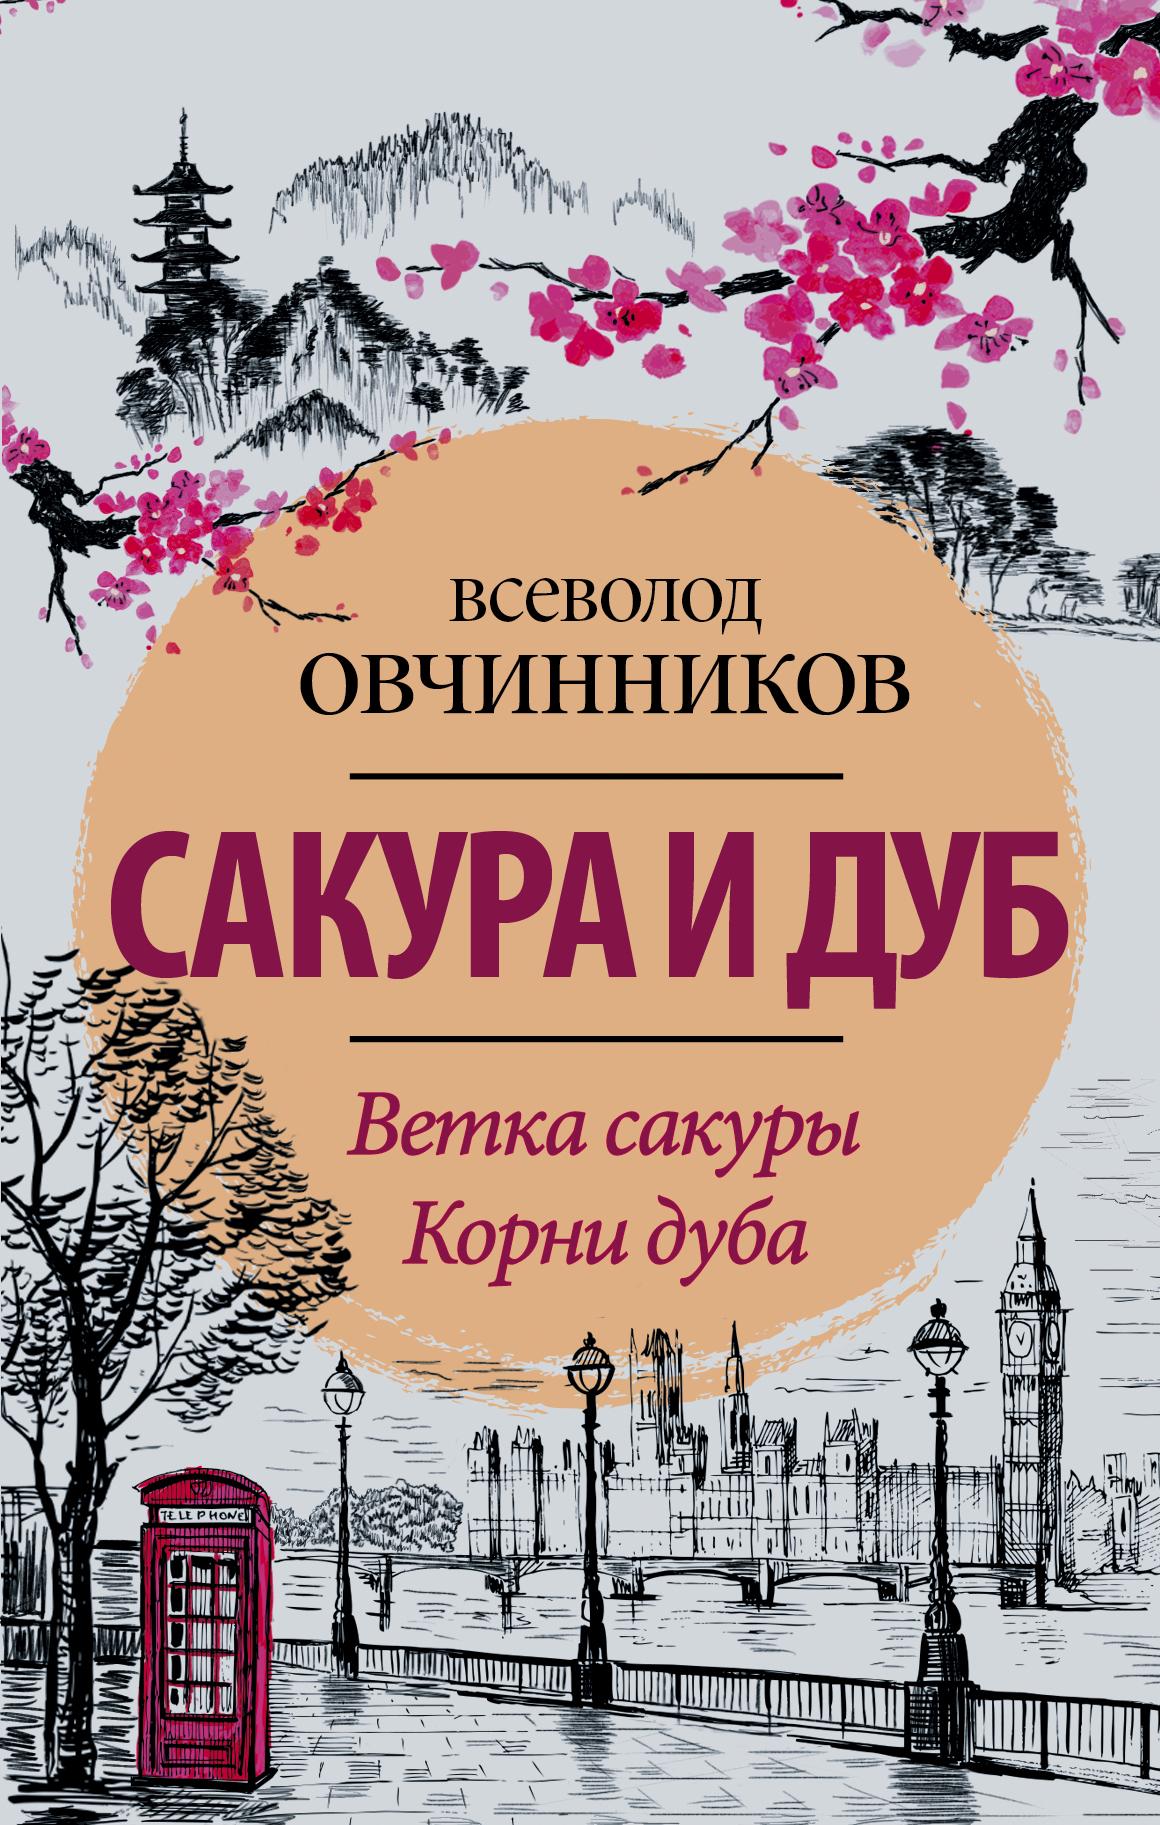 Всеволод Овчинников Сакура и дуб (сборник) овчинников в сакура и дуб isbn 9785170850488